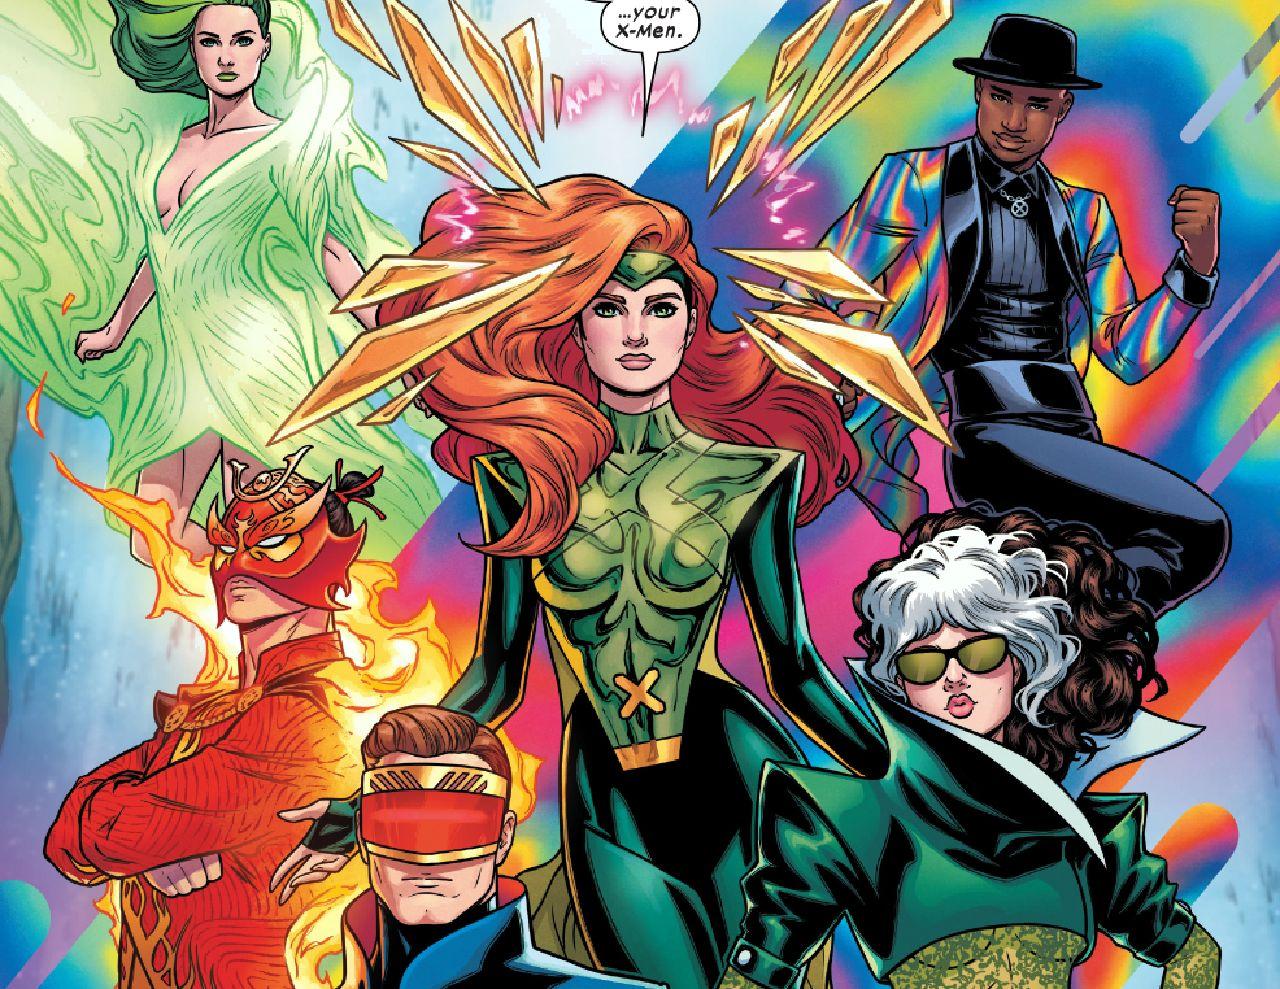 x-men comics nueva alineación jonathan hickman